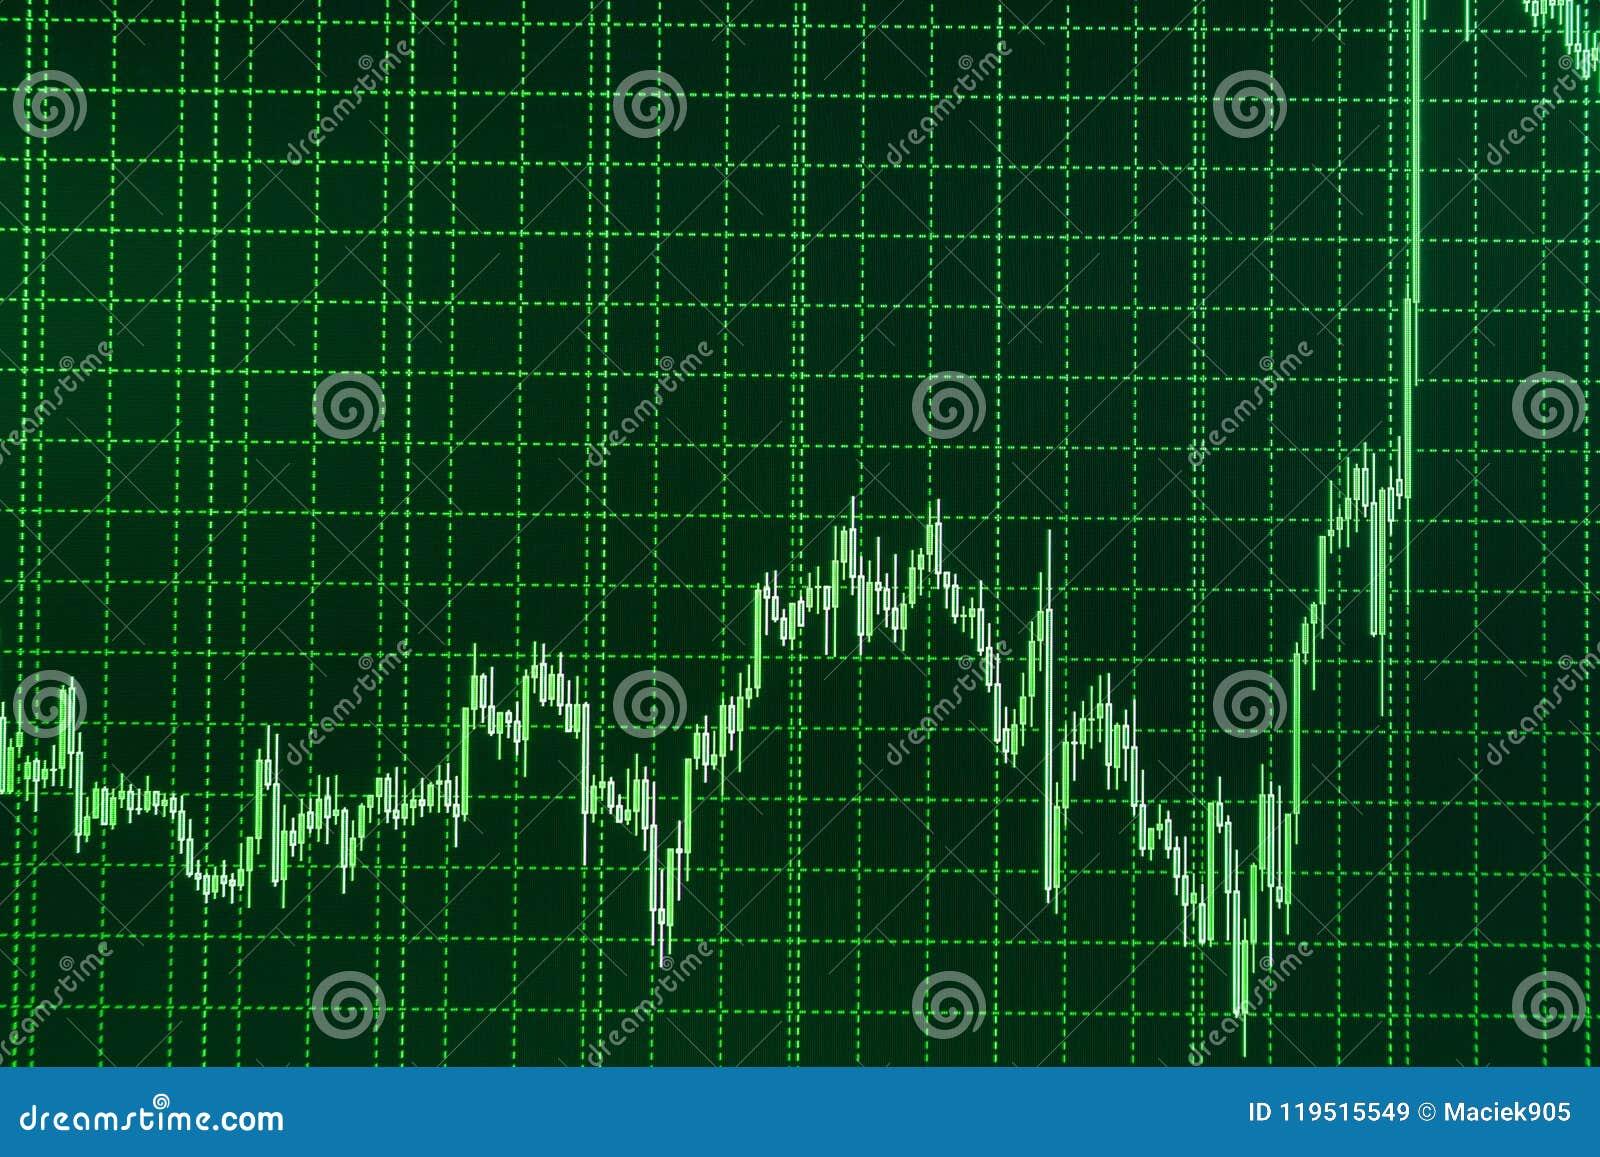 Comercio común vivo Fondo azul con la carta común Concepto del análisis fundamental y técnico